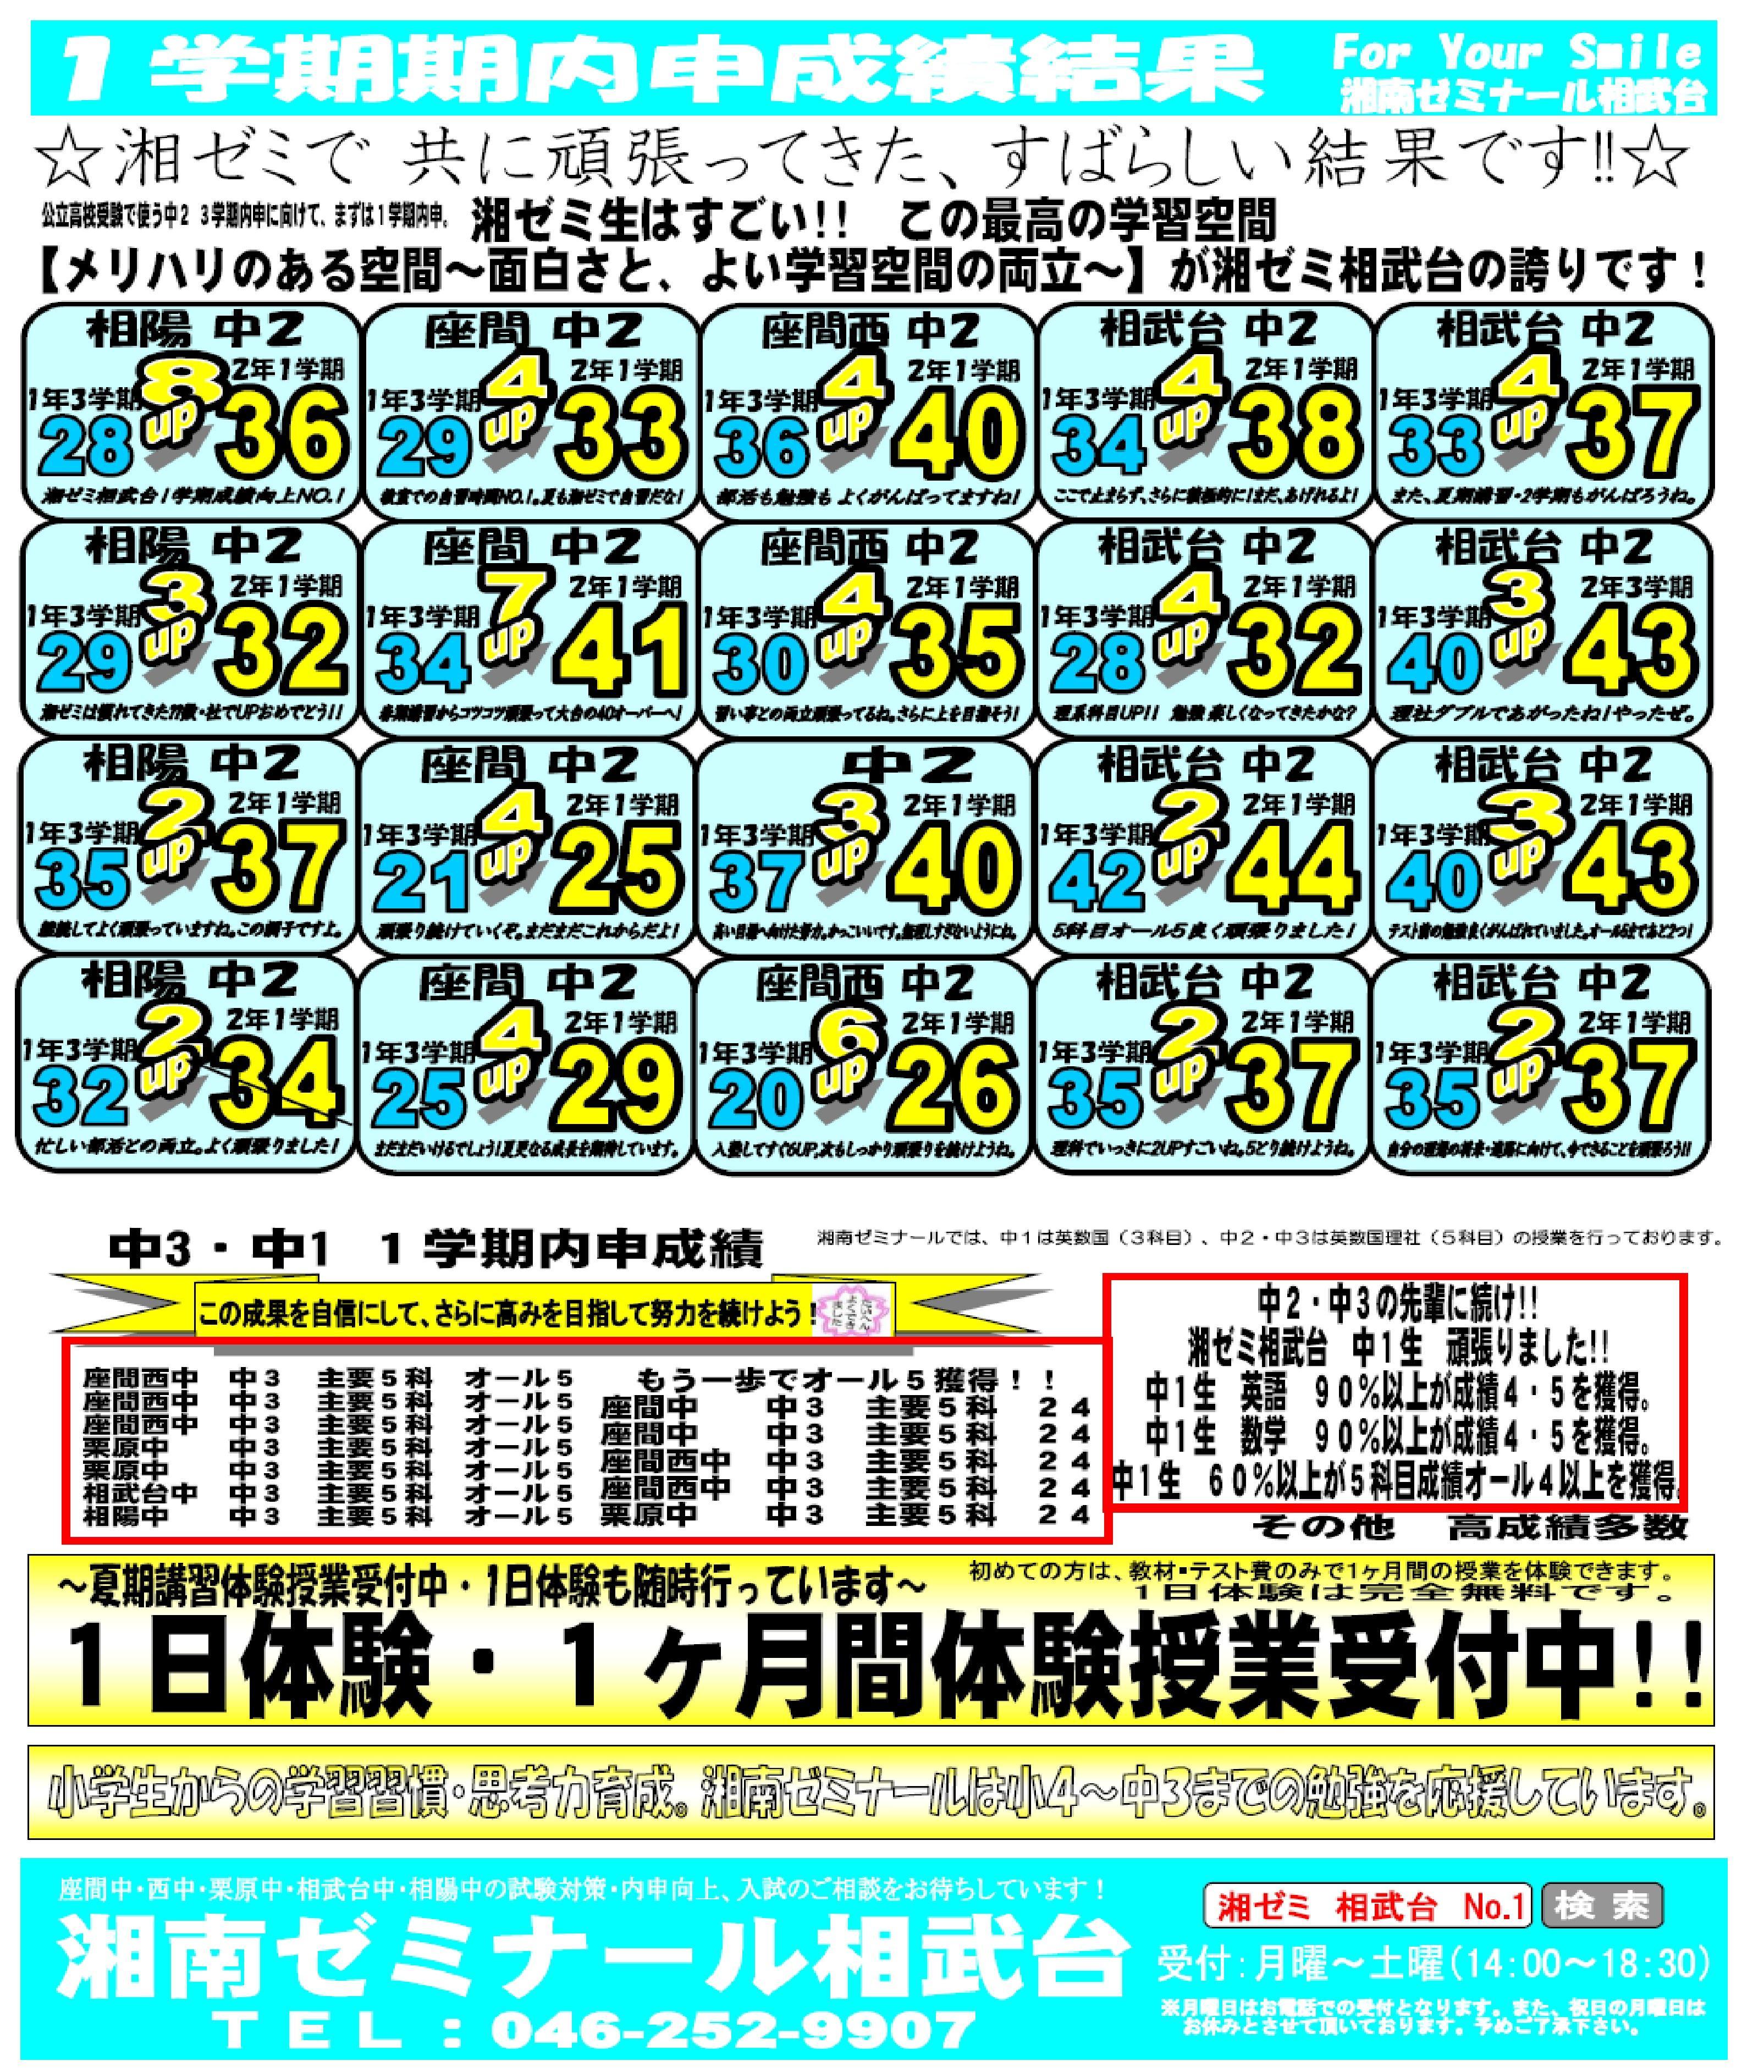 2019 相武台 1学期内申向上結果 コメントつき2 .jpg